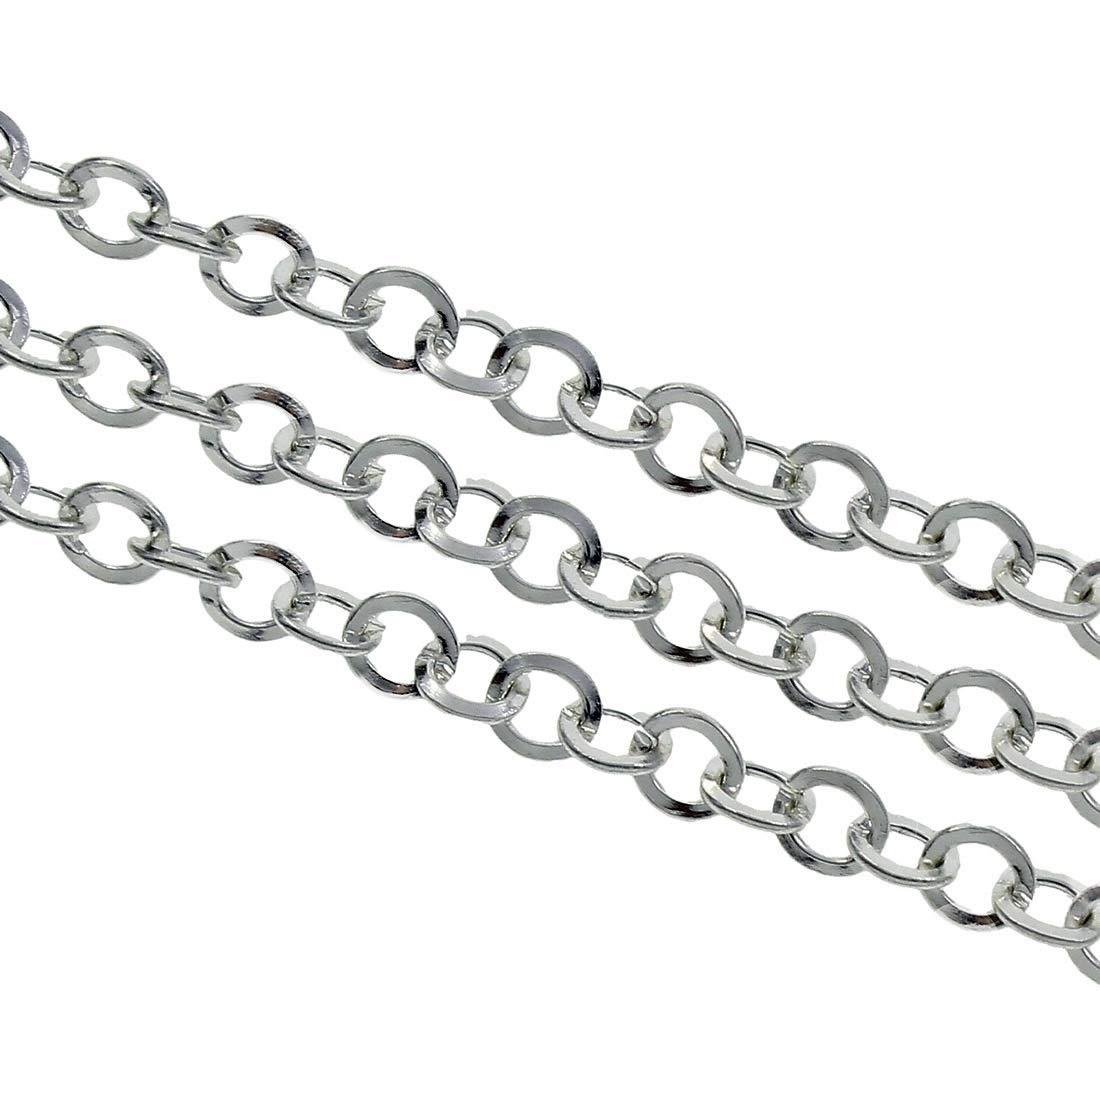 Perlin 3 Meter Gliederkette Link Kette Metallkette Rund 5mm Silber Schmuckkette Meterware zur Schmuckherstellung von Halsketten Armband DIY Basteln K13